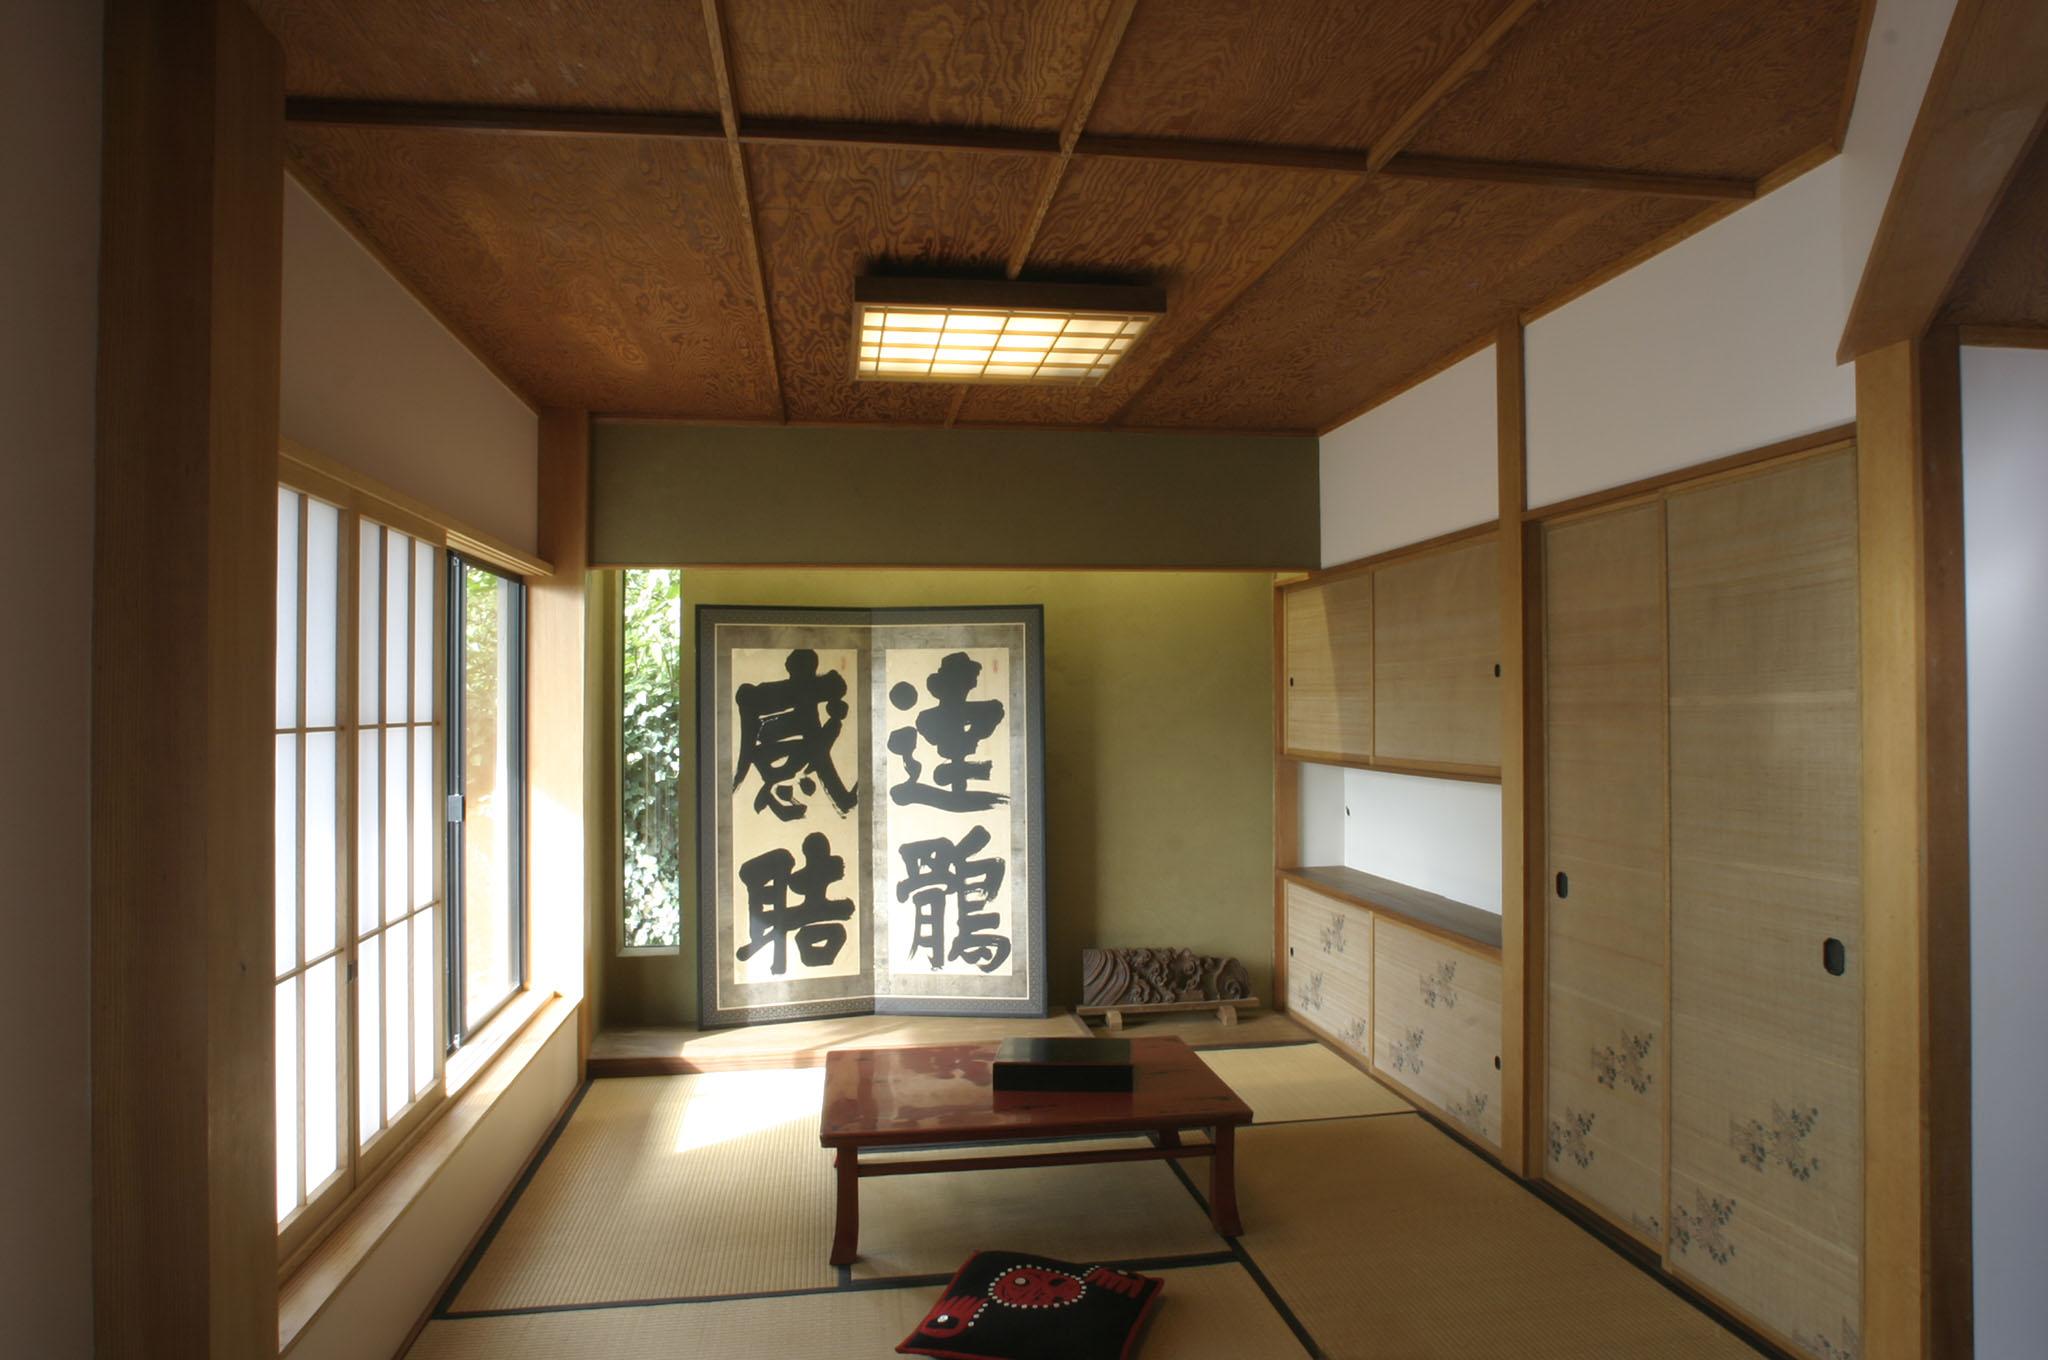 6_JapaneseInspiredHome.jpg